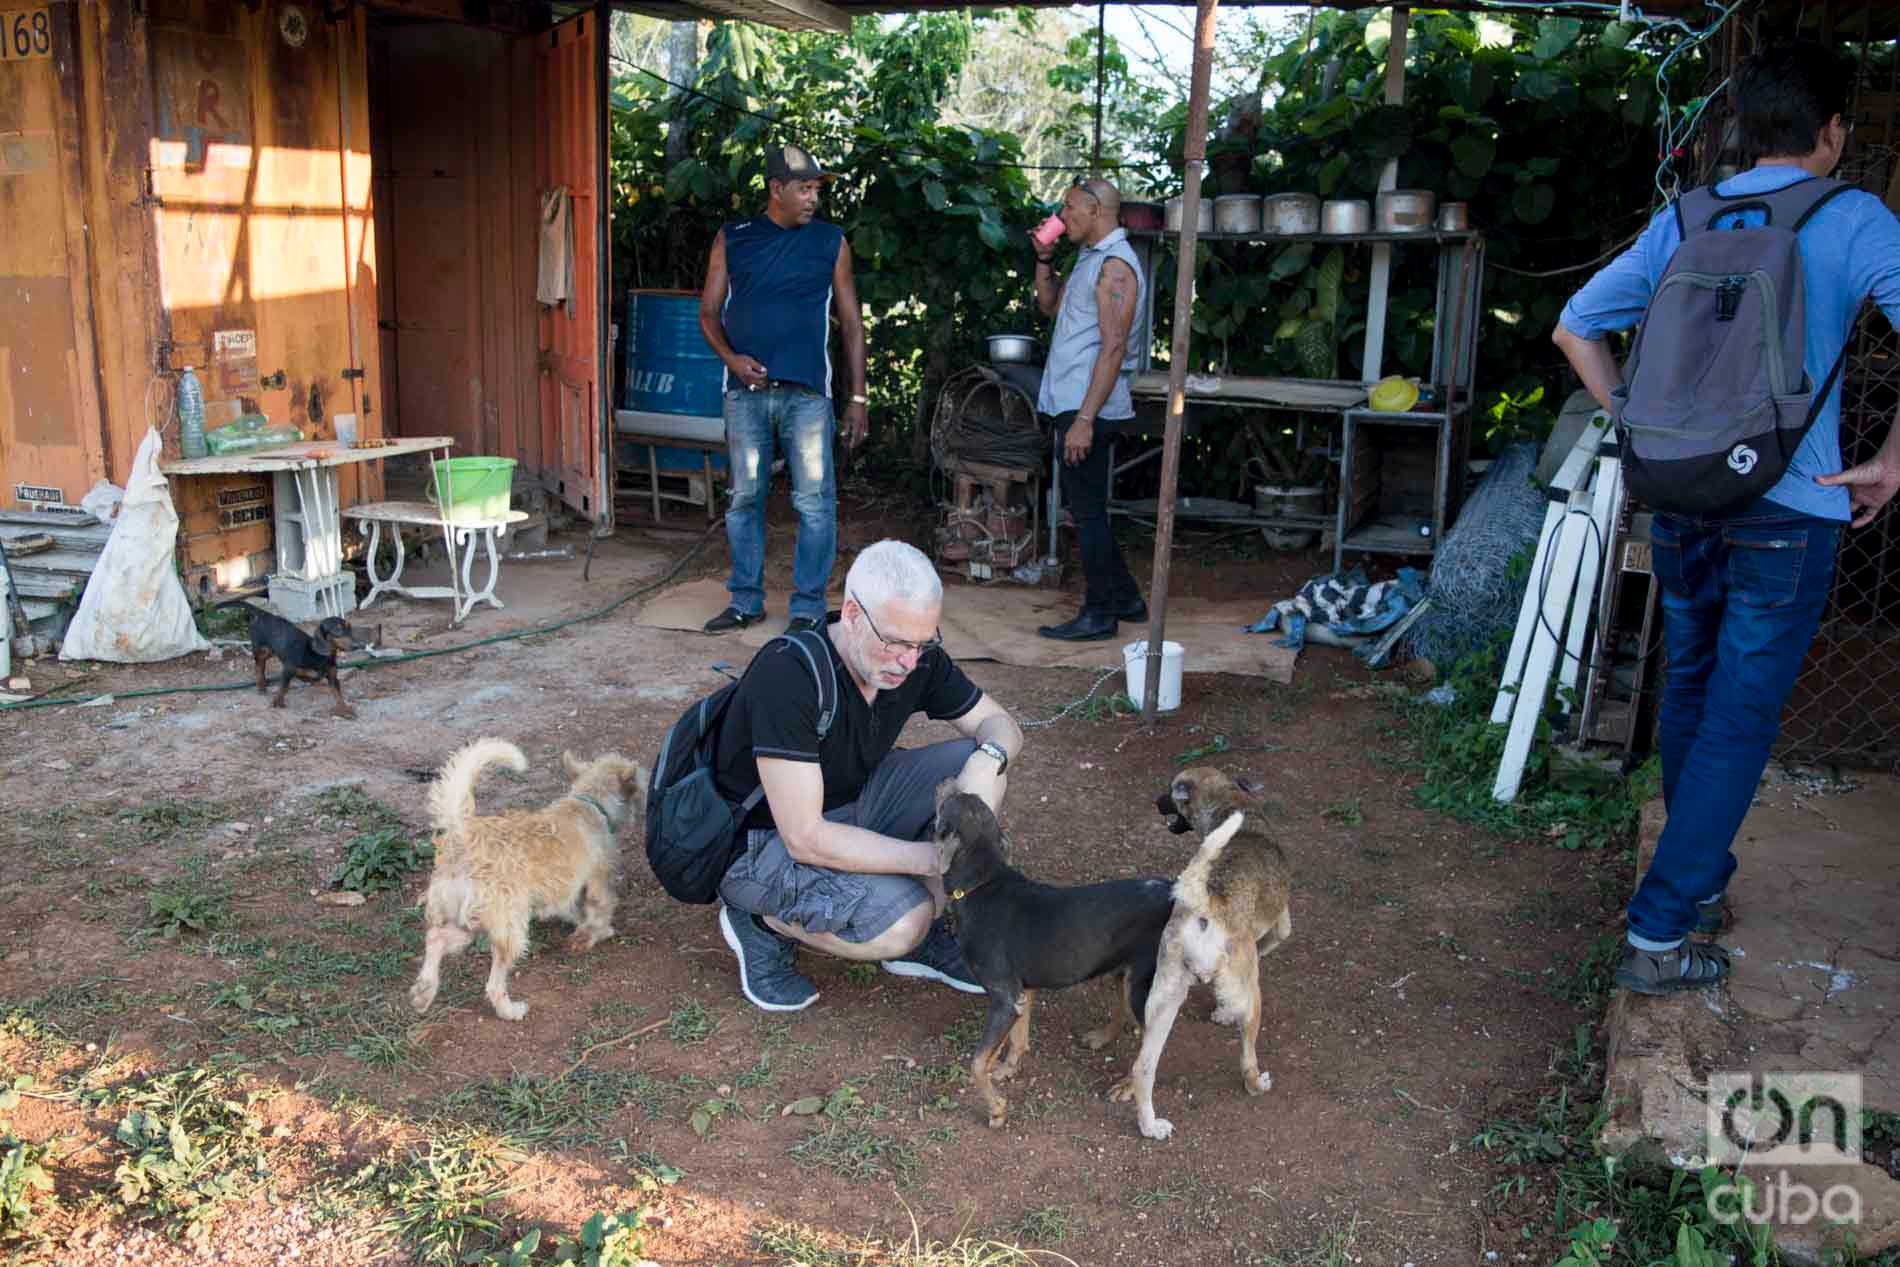 David Guggenheim (agachado), fundador y director de Ocean Doctor, en el refugio de perros de Venus y Ernesto al oeste de La Habana. Foto: Otmaro Rodríguez.